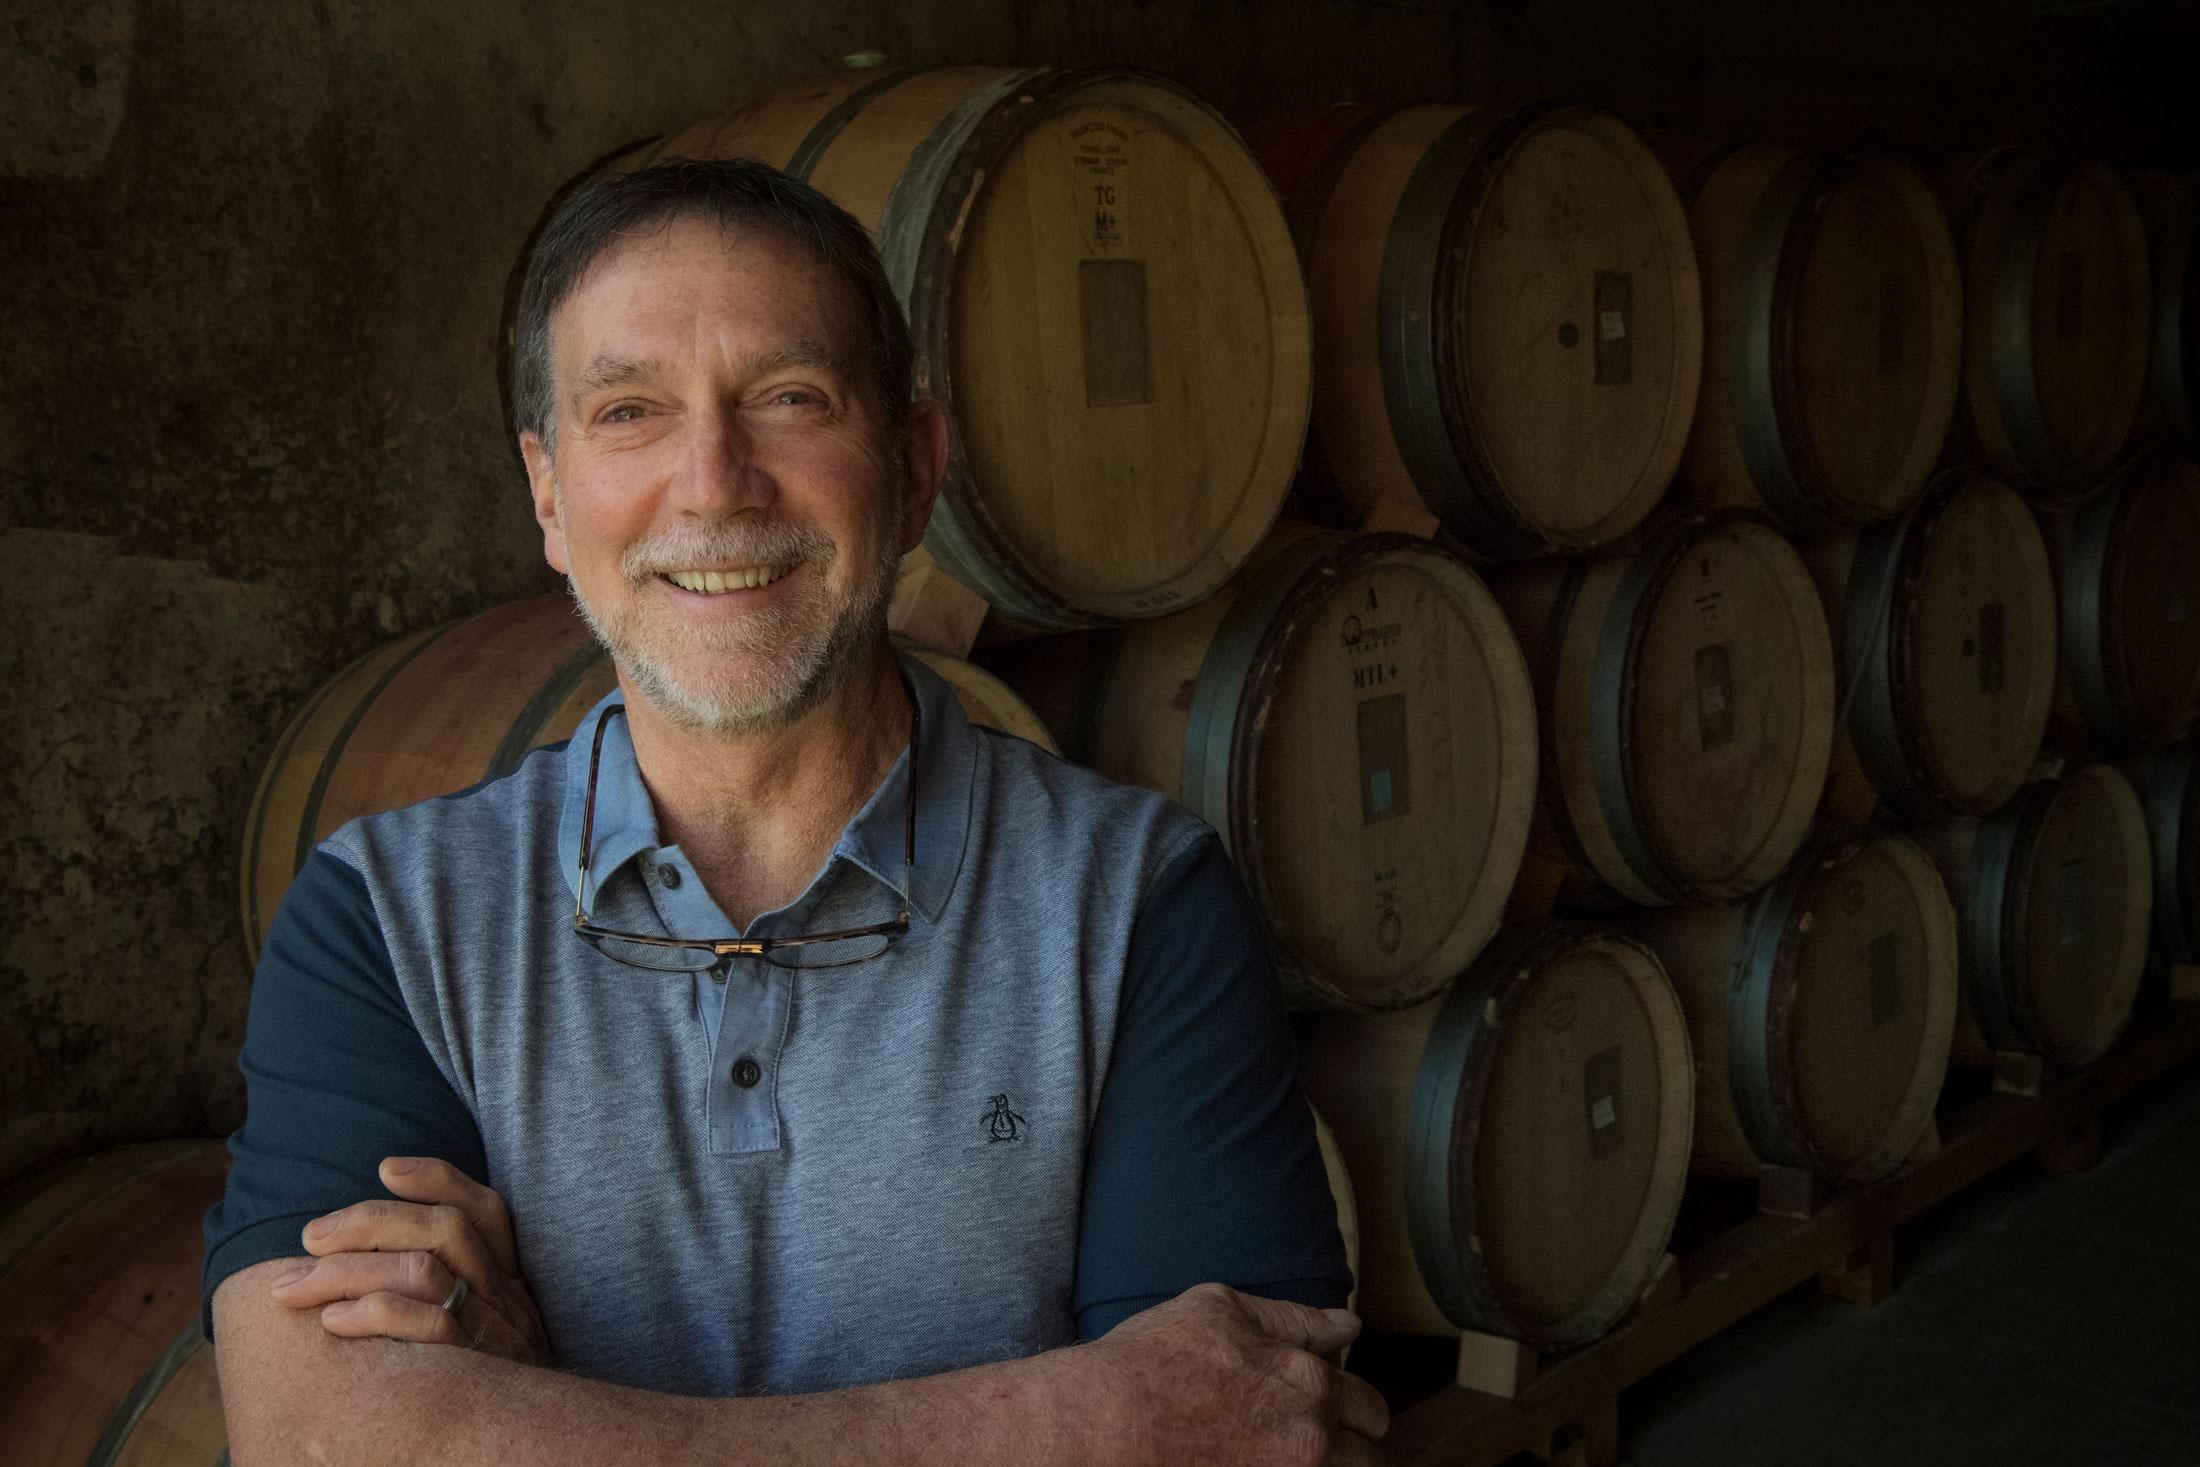 Steve Doerner of Cristom Vineyards